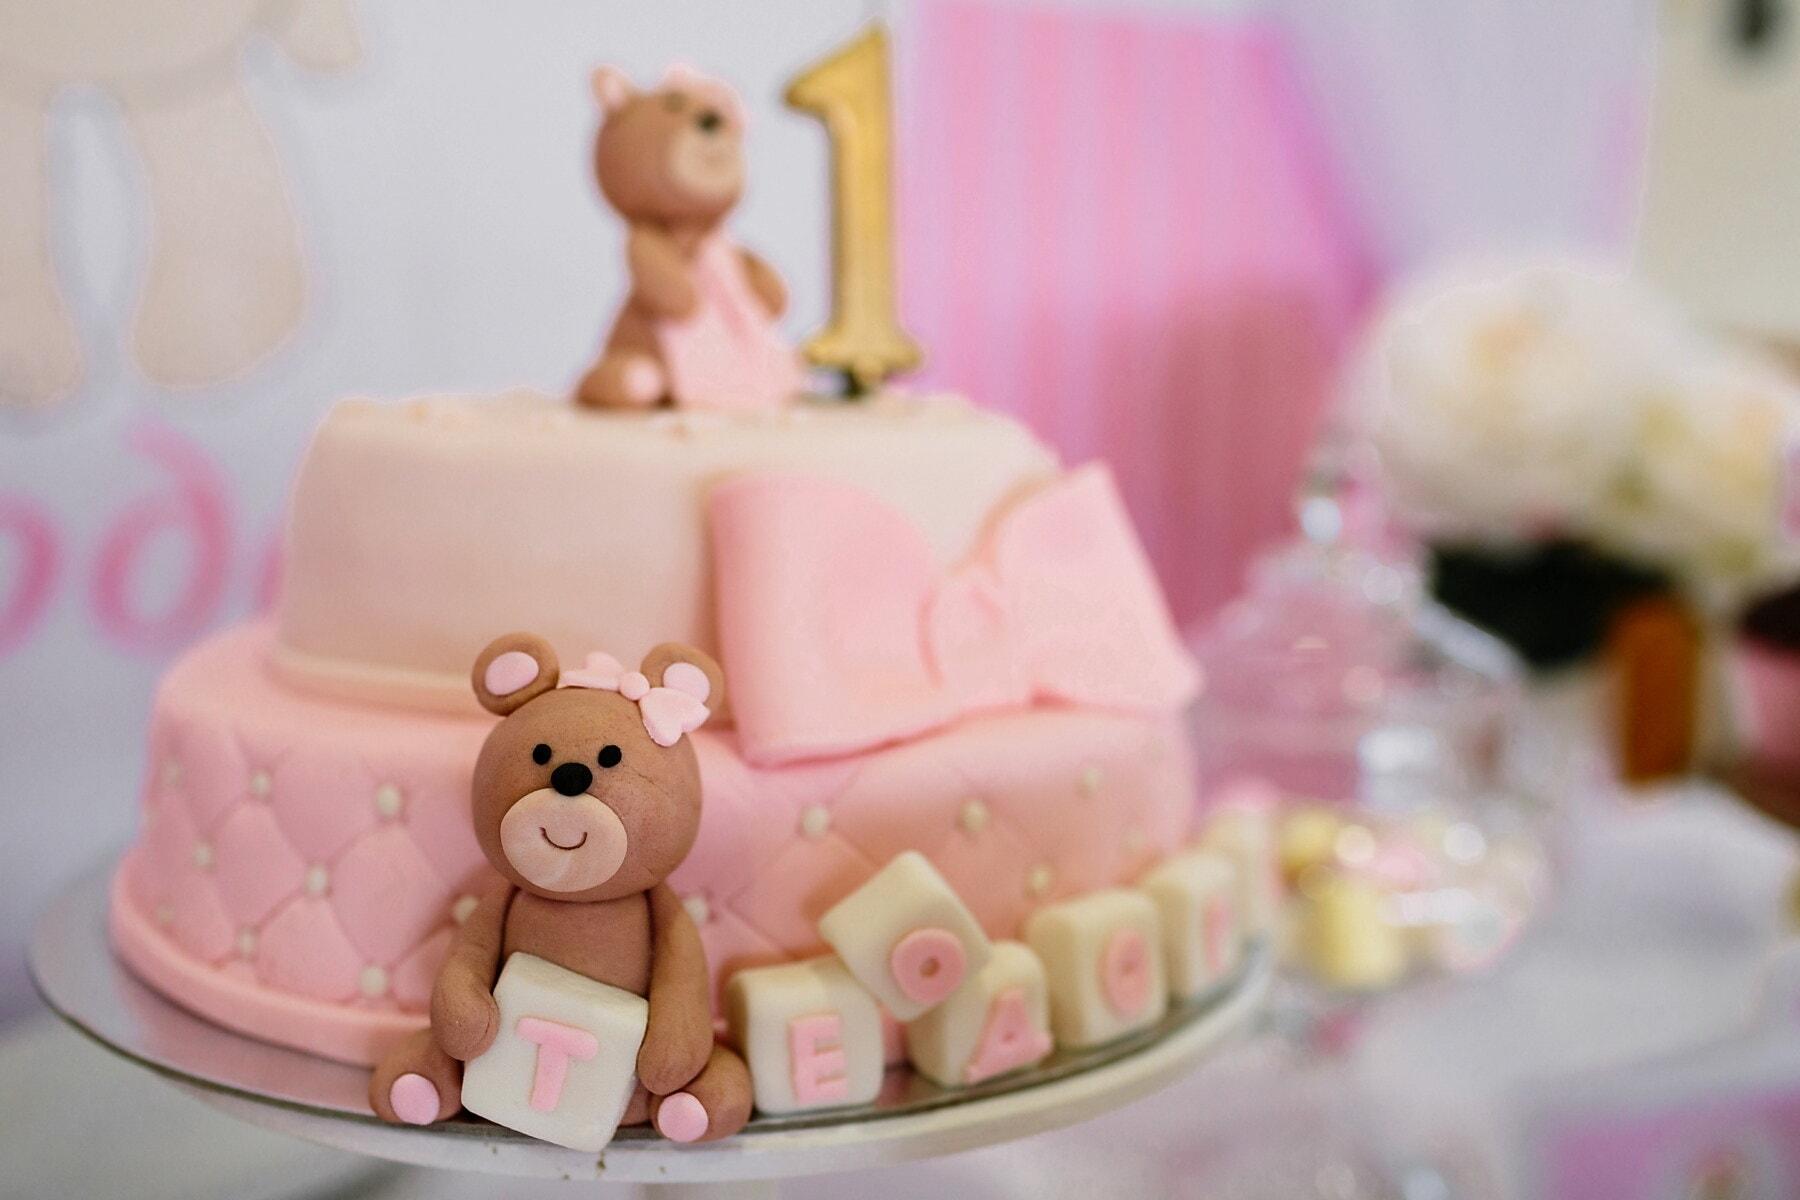 Kuchen, Geburtstagskuchen, Rosa, Teddybär Spielzeug, Konditorei, Geburtstag, Bonbon, drinnen, Luxus, Schokolade